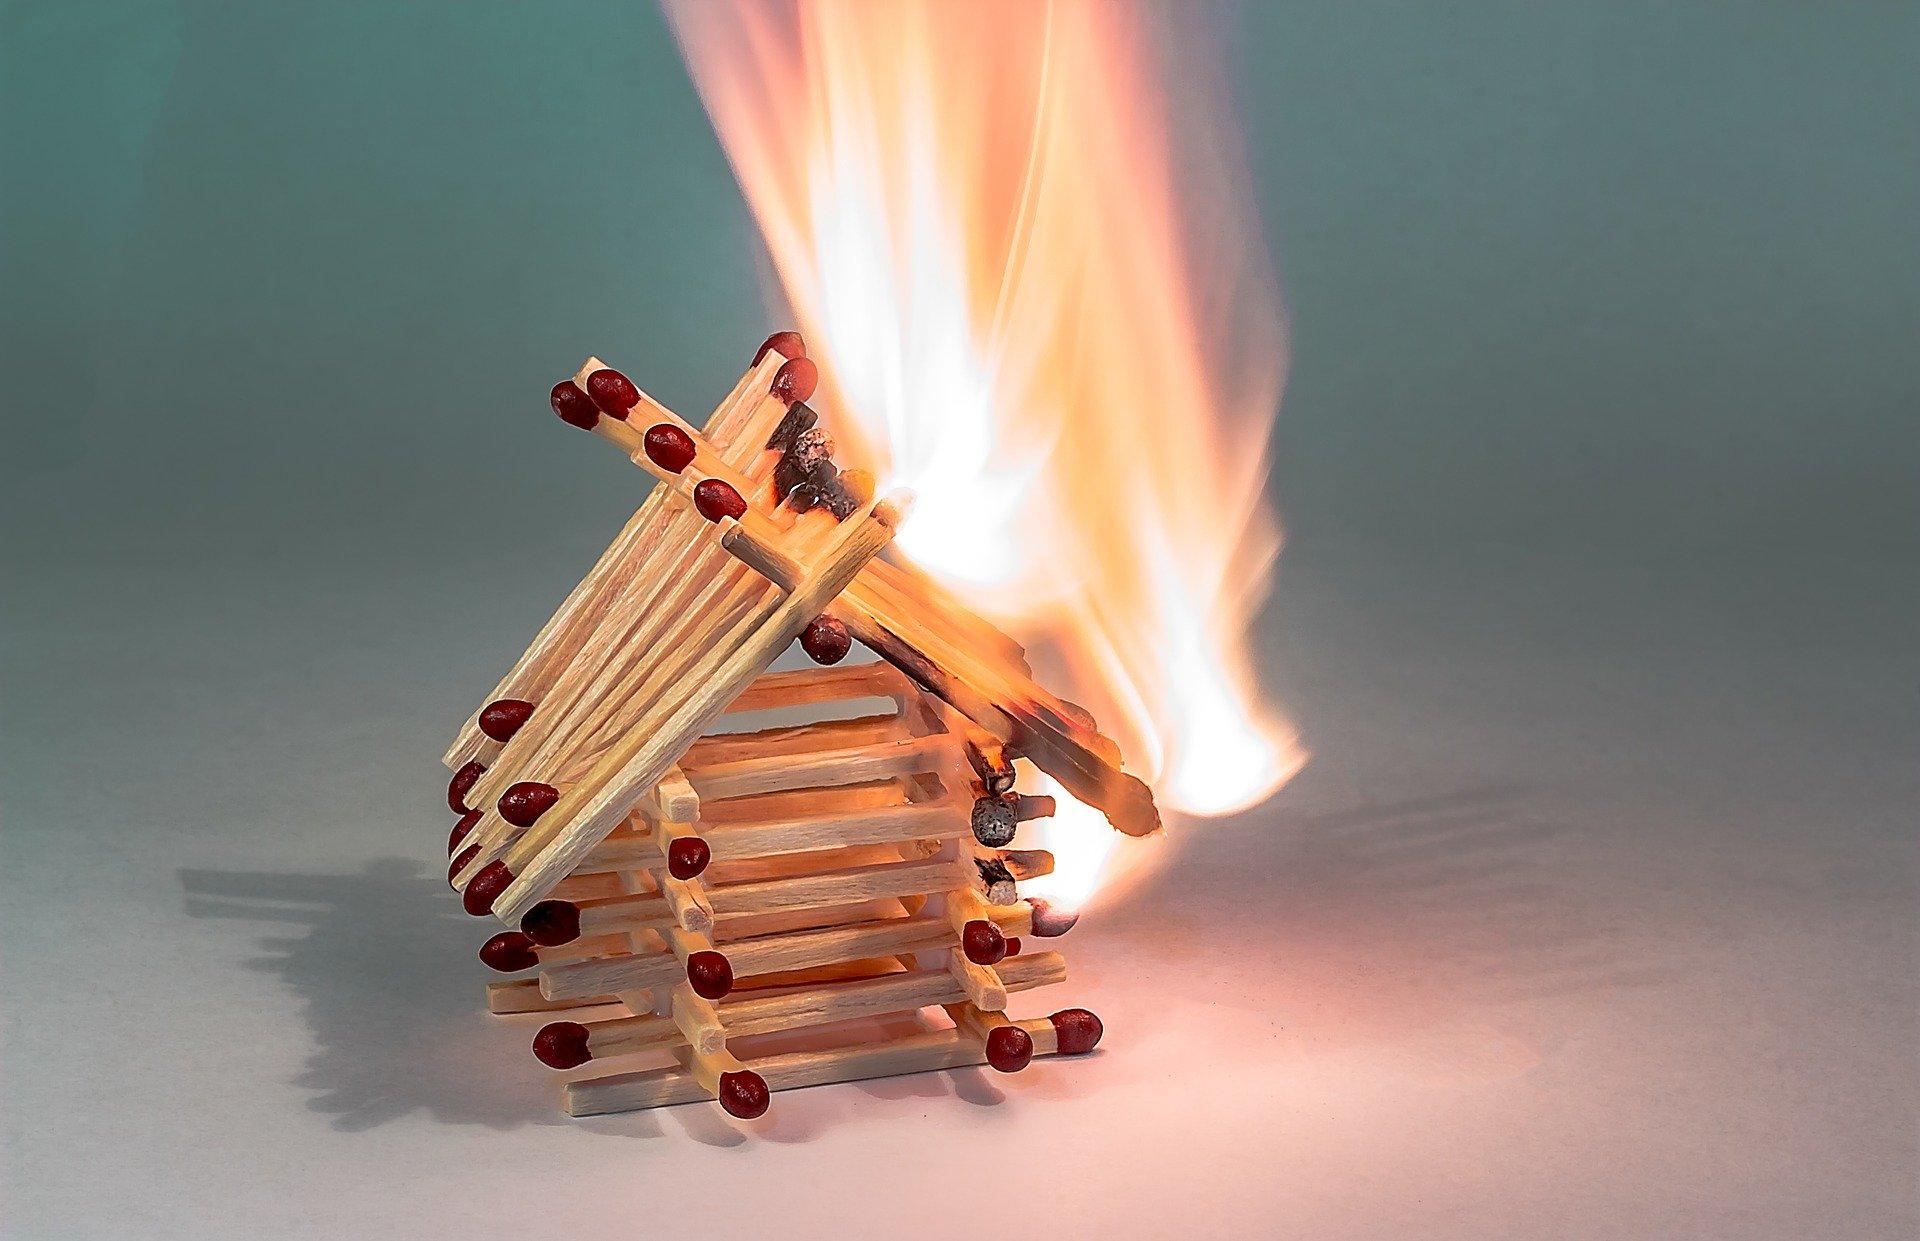 Cyber-Versicherung - für wenn es brennt in der IT. Foto: Myriam Zilles via Pixabay